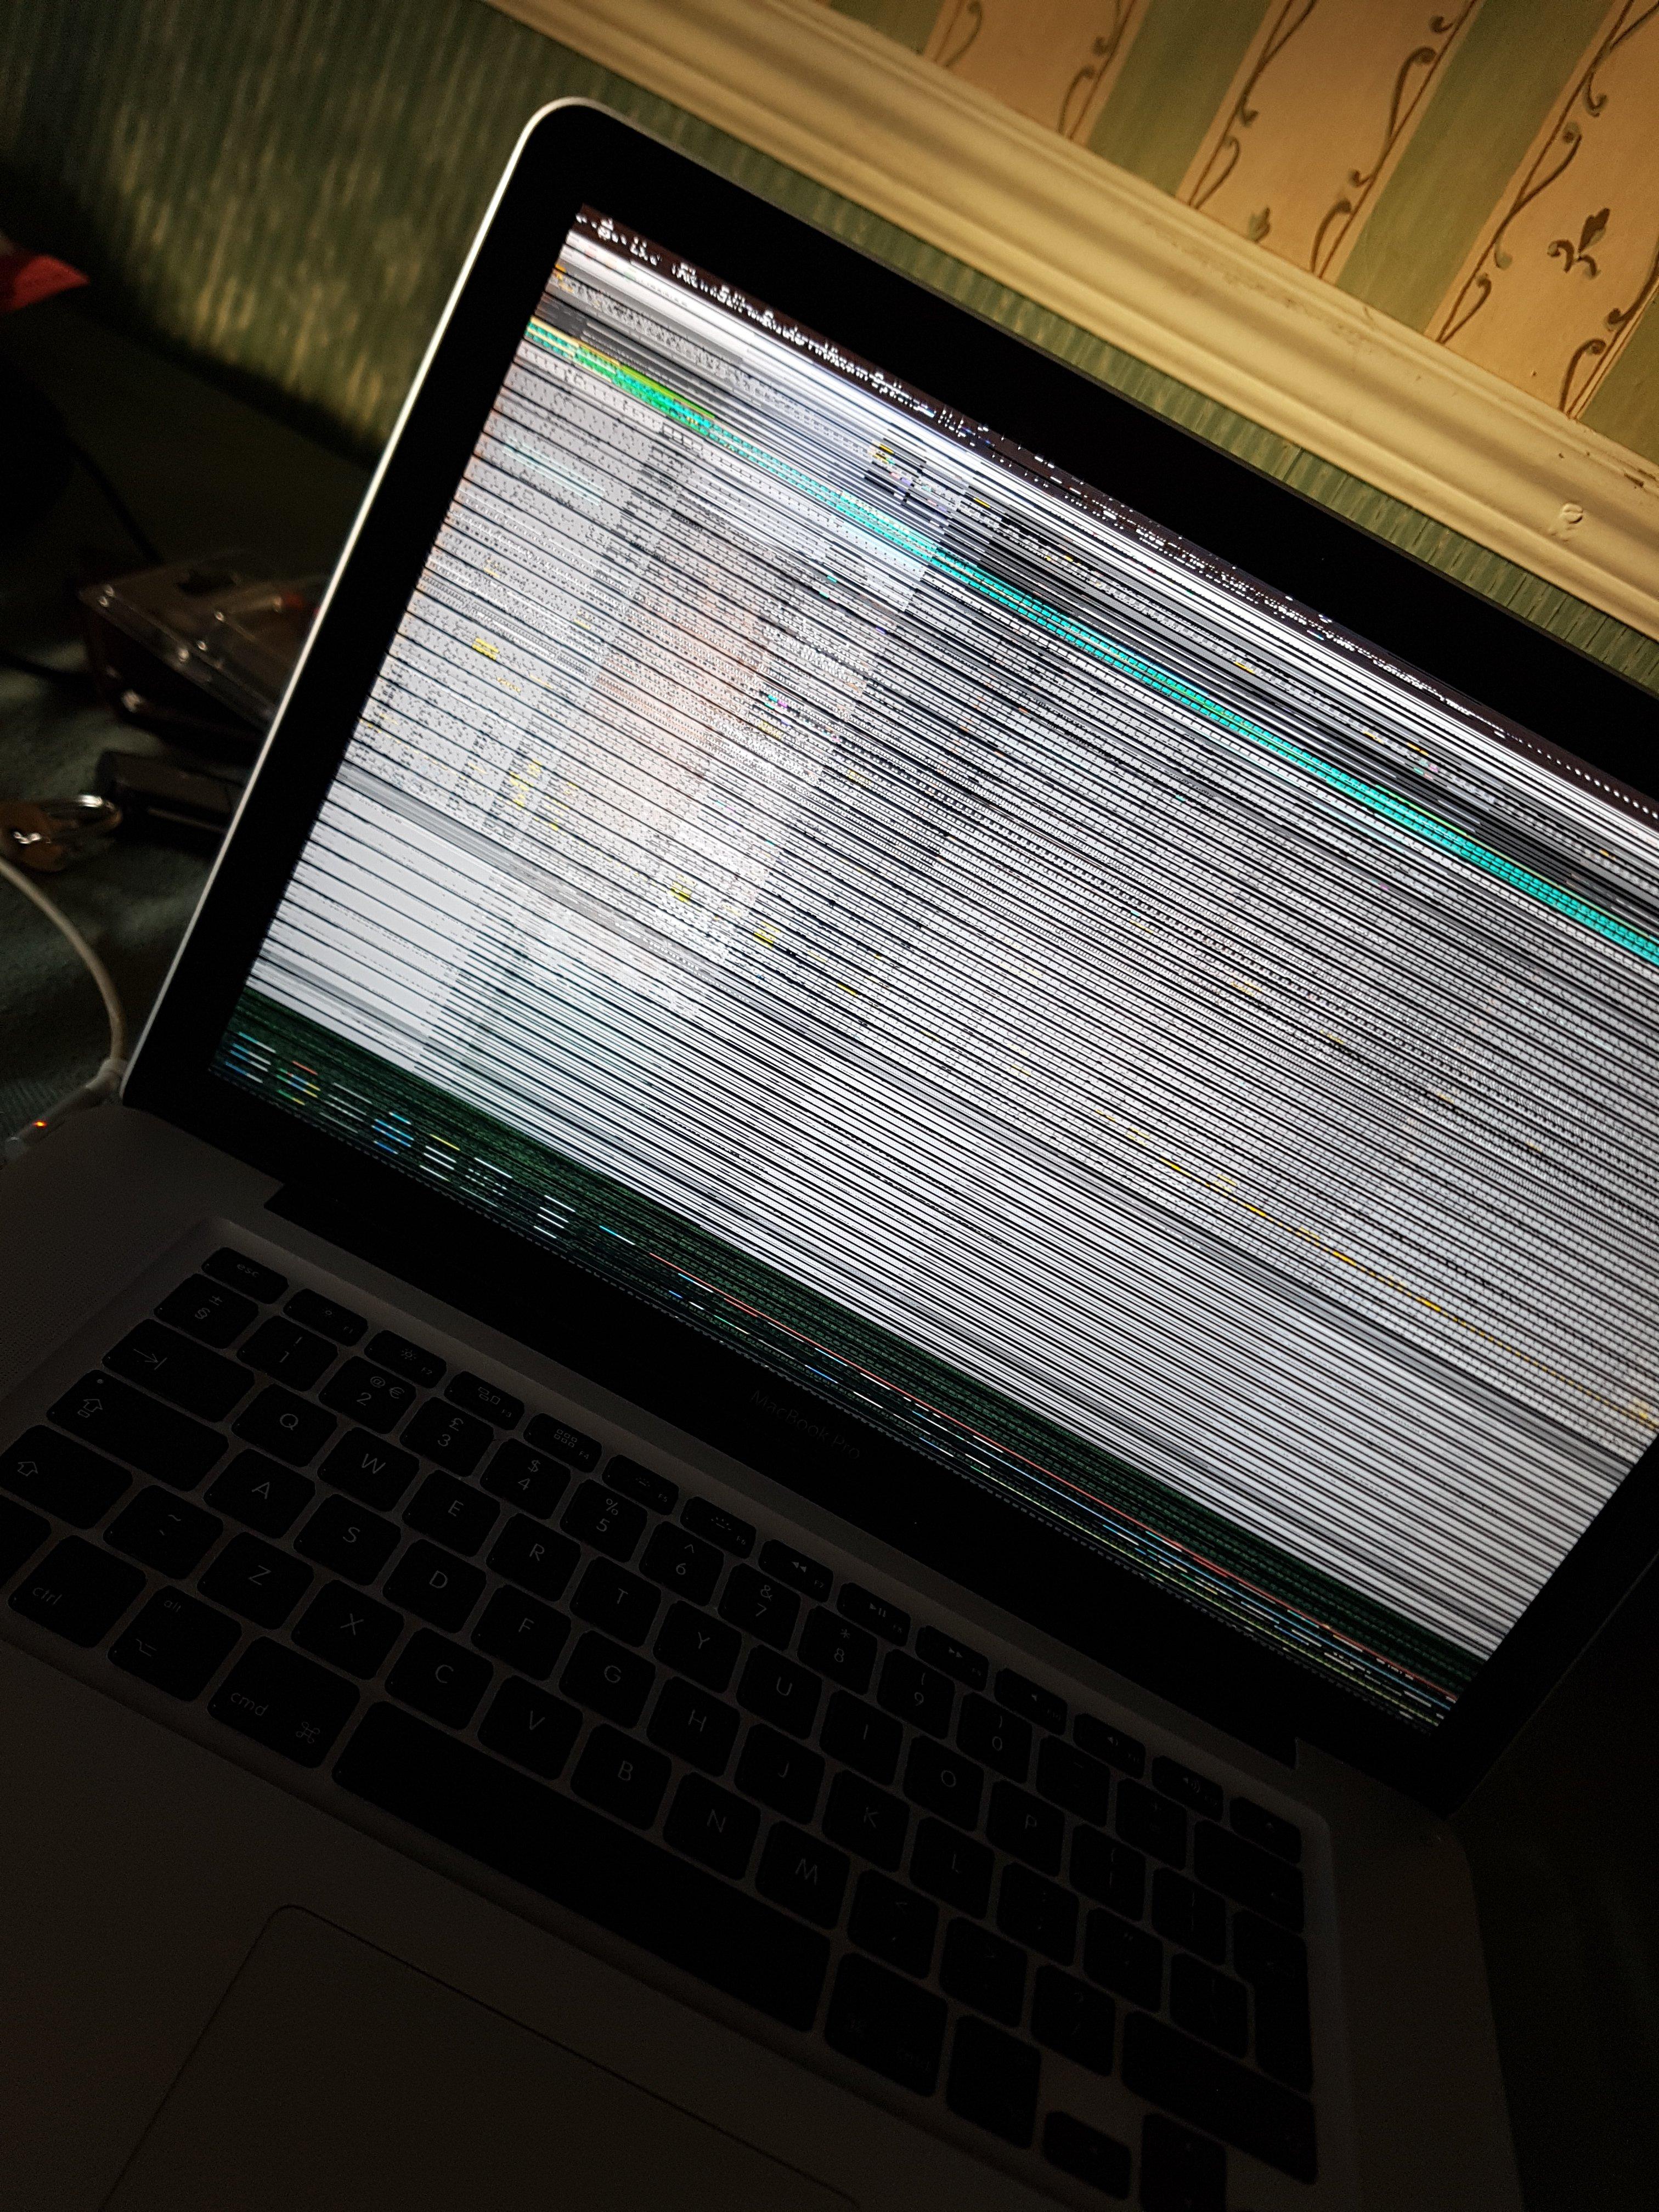 Macbook Pro 201 15